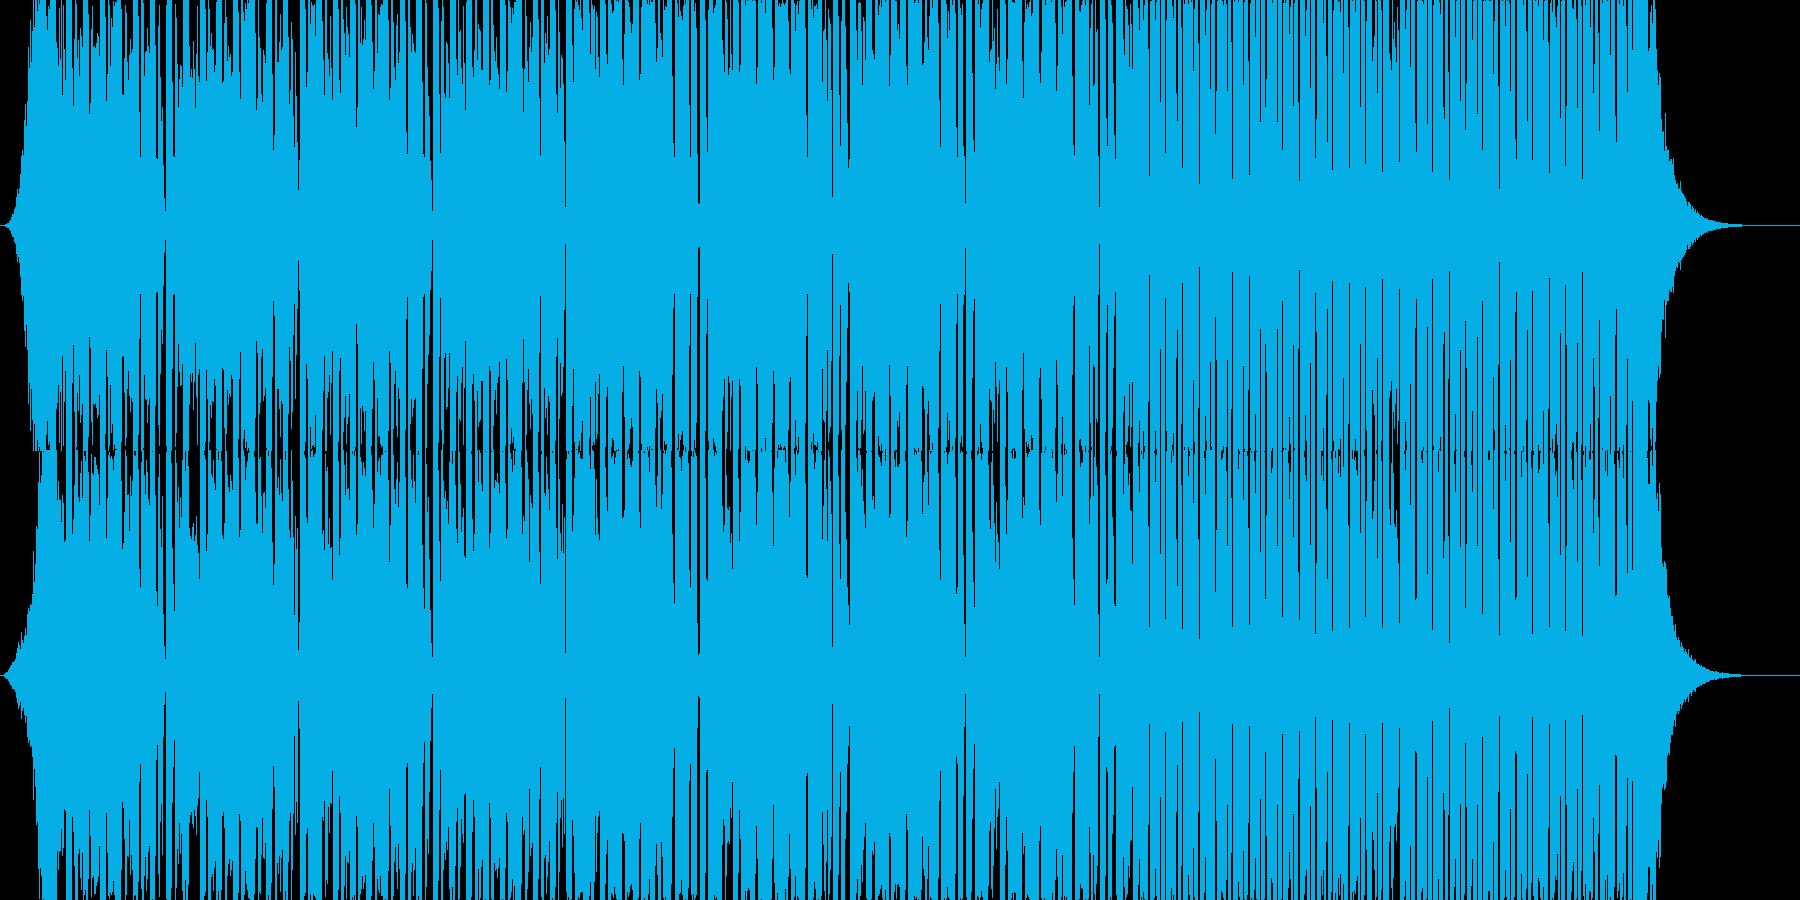 ノリノリでトリッキーなEDMの再生済みの波形